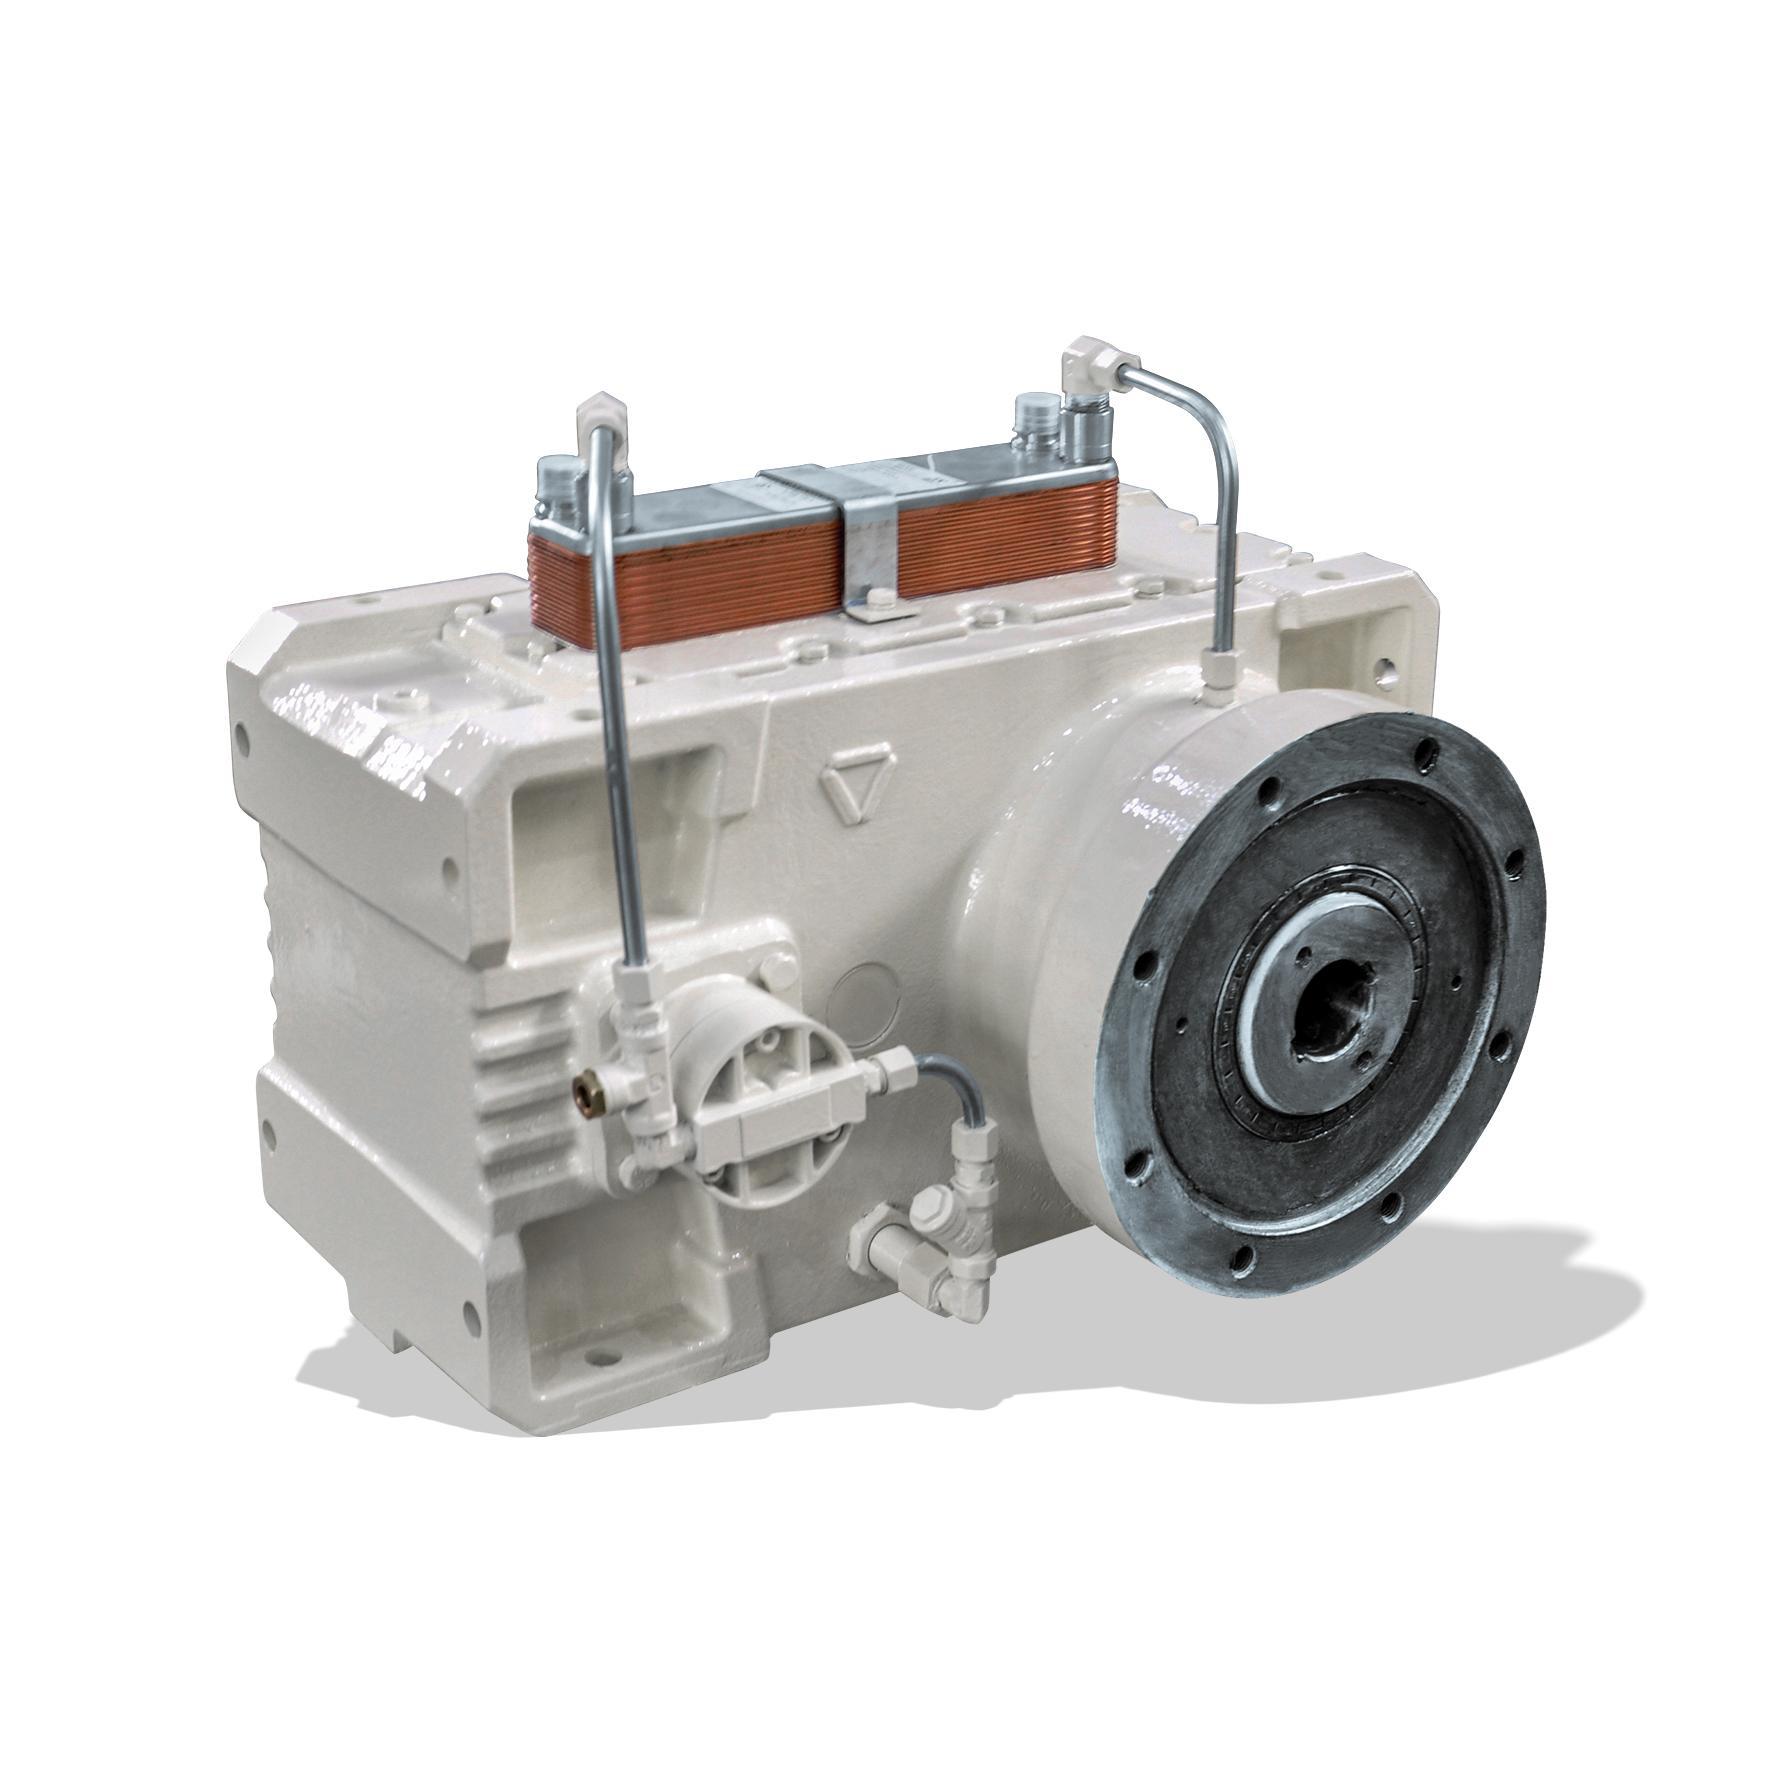 ZLYJ单螺杆塑料挤出机减速机 7